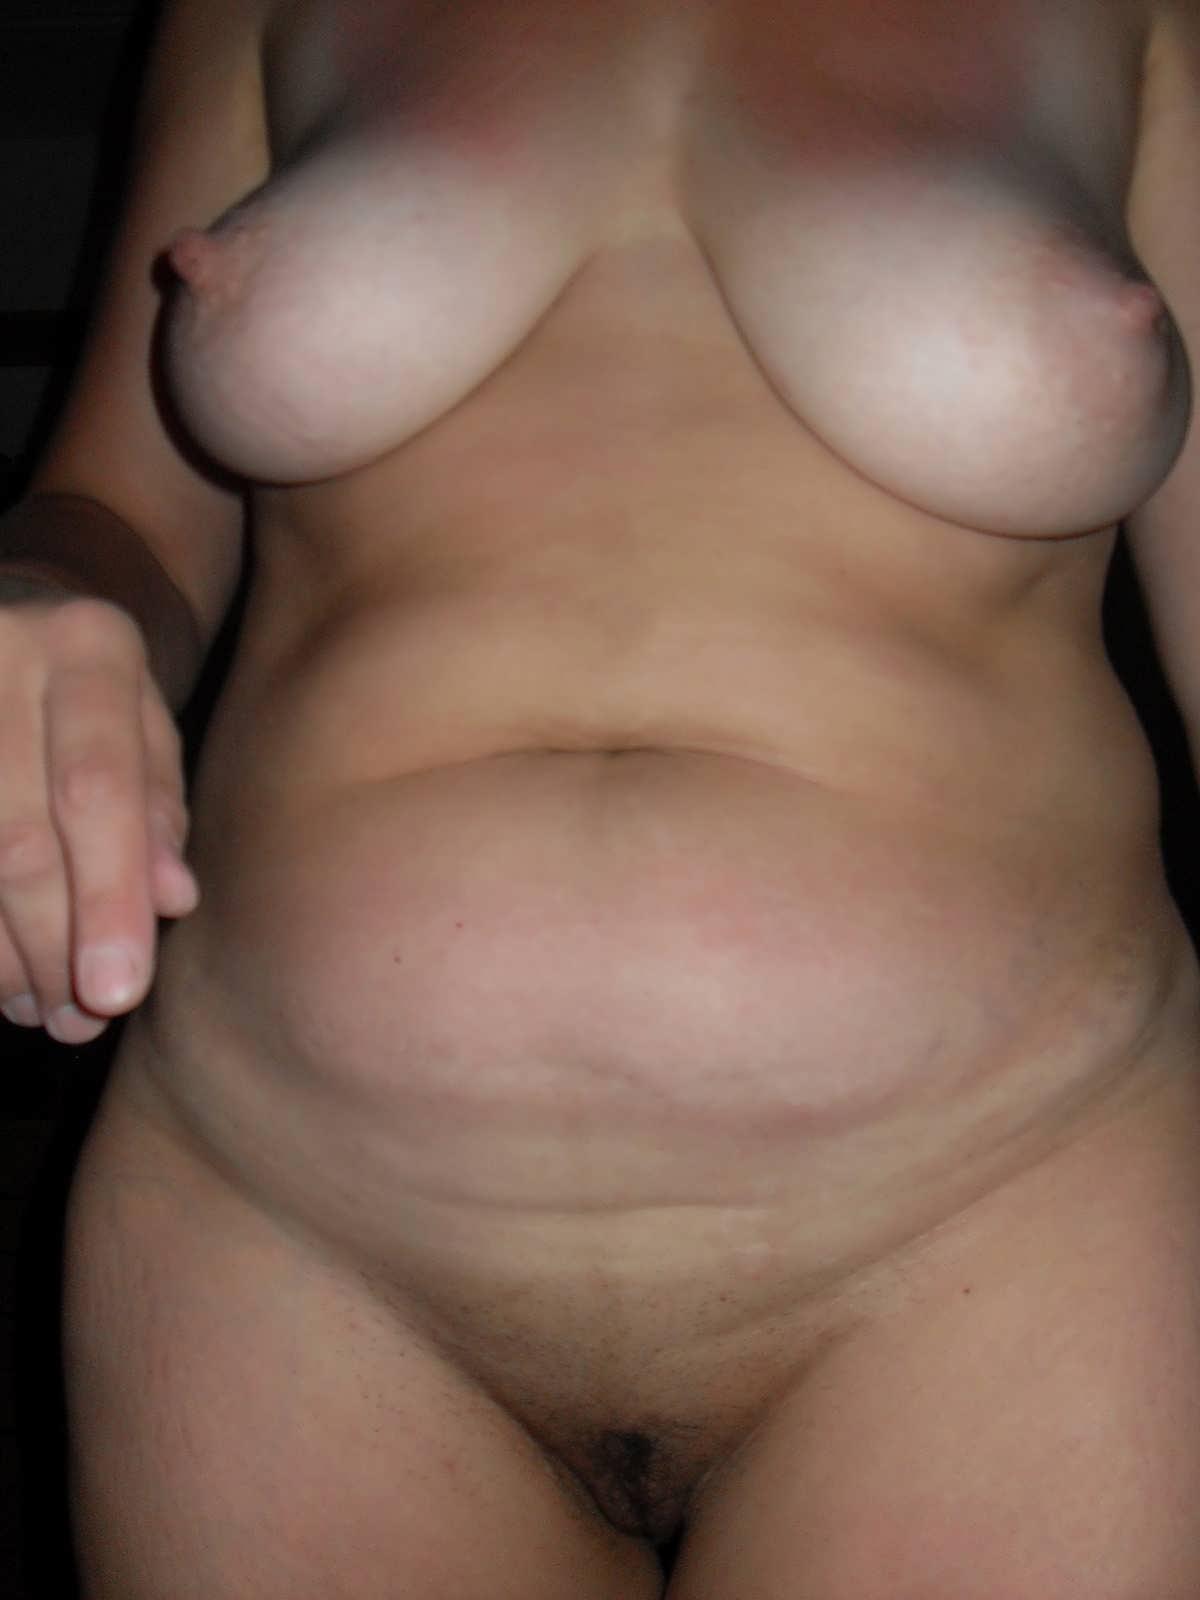 Бабы голые крупным планом фото